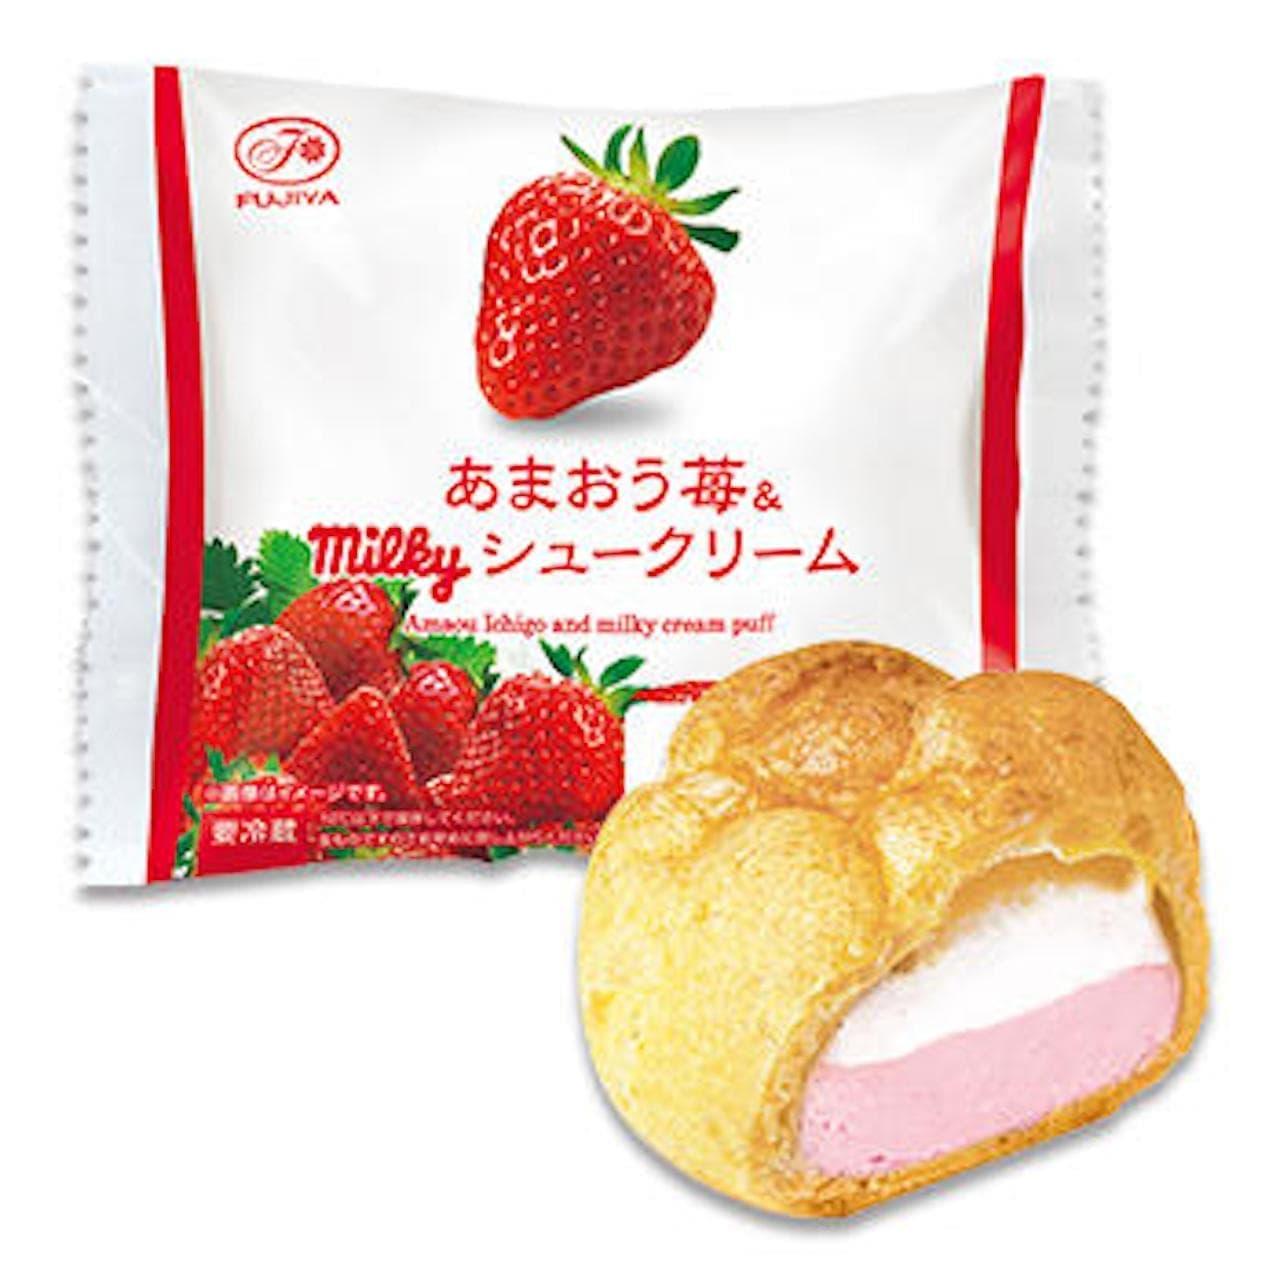 不二家「 あまおう苺&ミルキーシュークリーム」